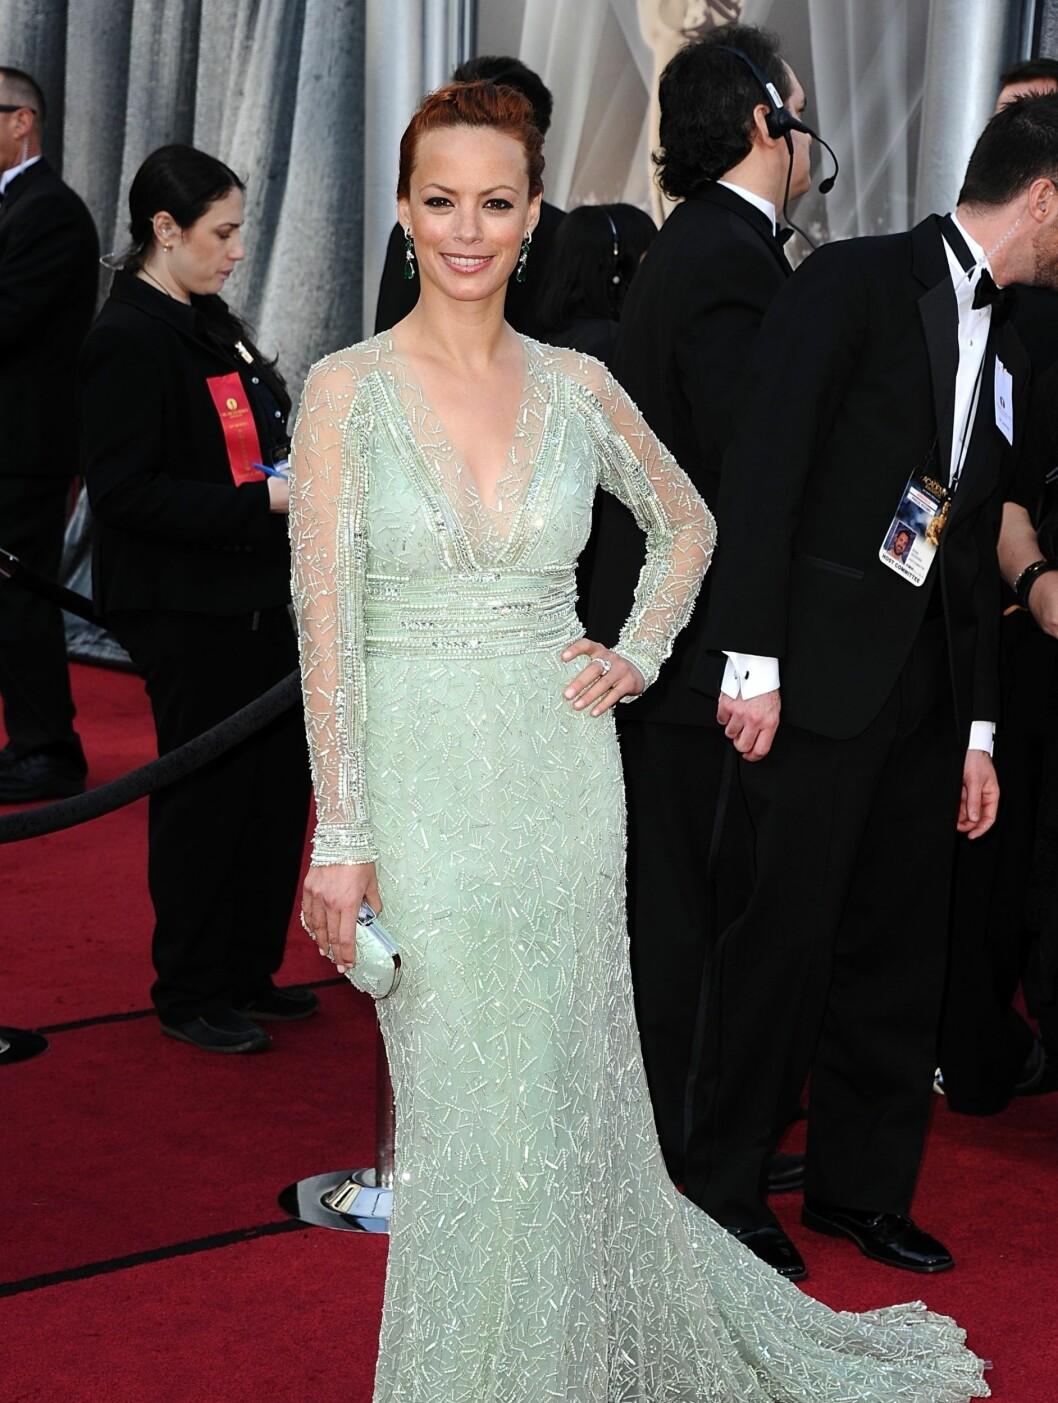 MINTGRØNN: Bérénice Bejo var vakker i sin mintgrønne kjole fra Elie Saab. Bejo var mest opptatt av at ektemannen skulle like antrekket.  Foto: Stella Pictures